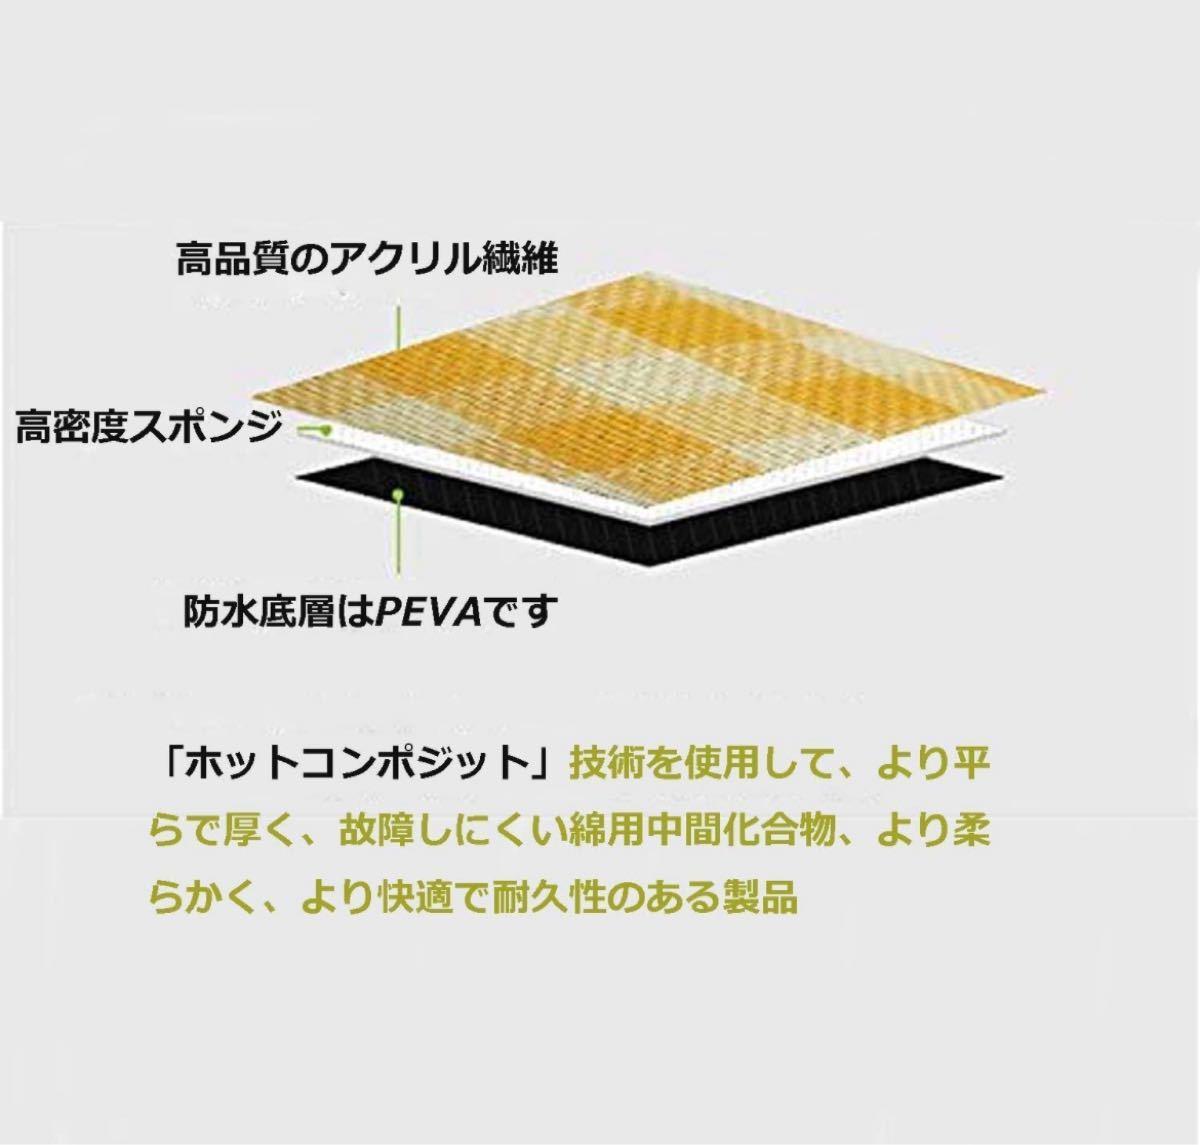 レジャーシート 厚手 200×200 大判 子供 コンパクト 断熱 防水 洗える